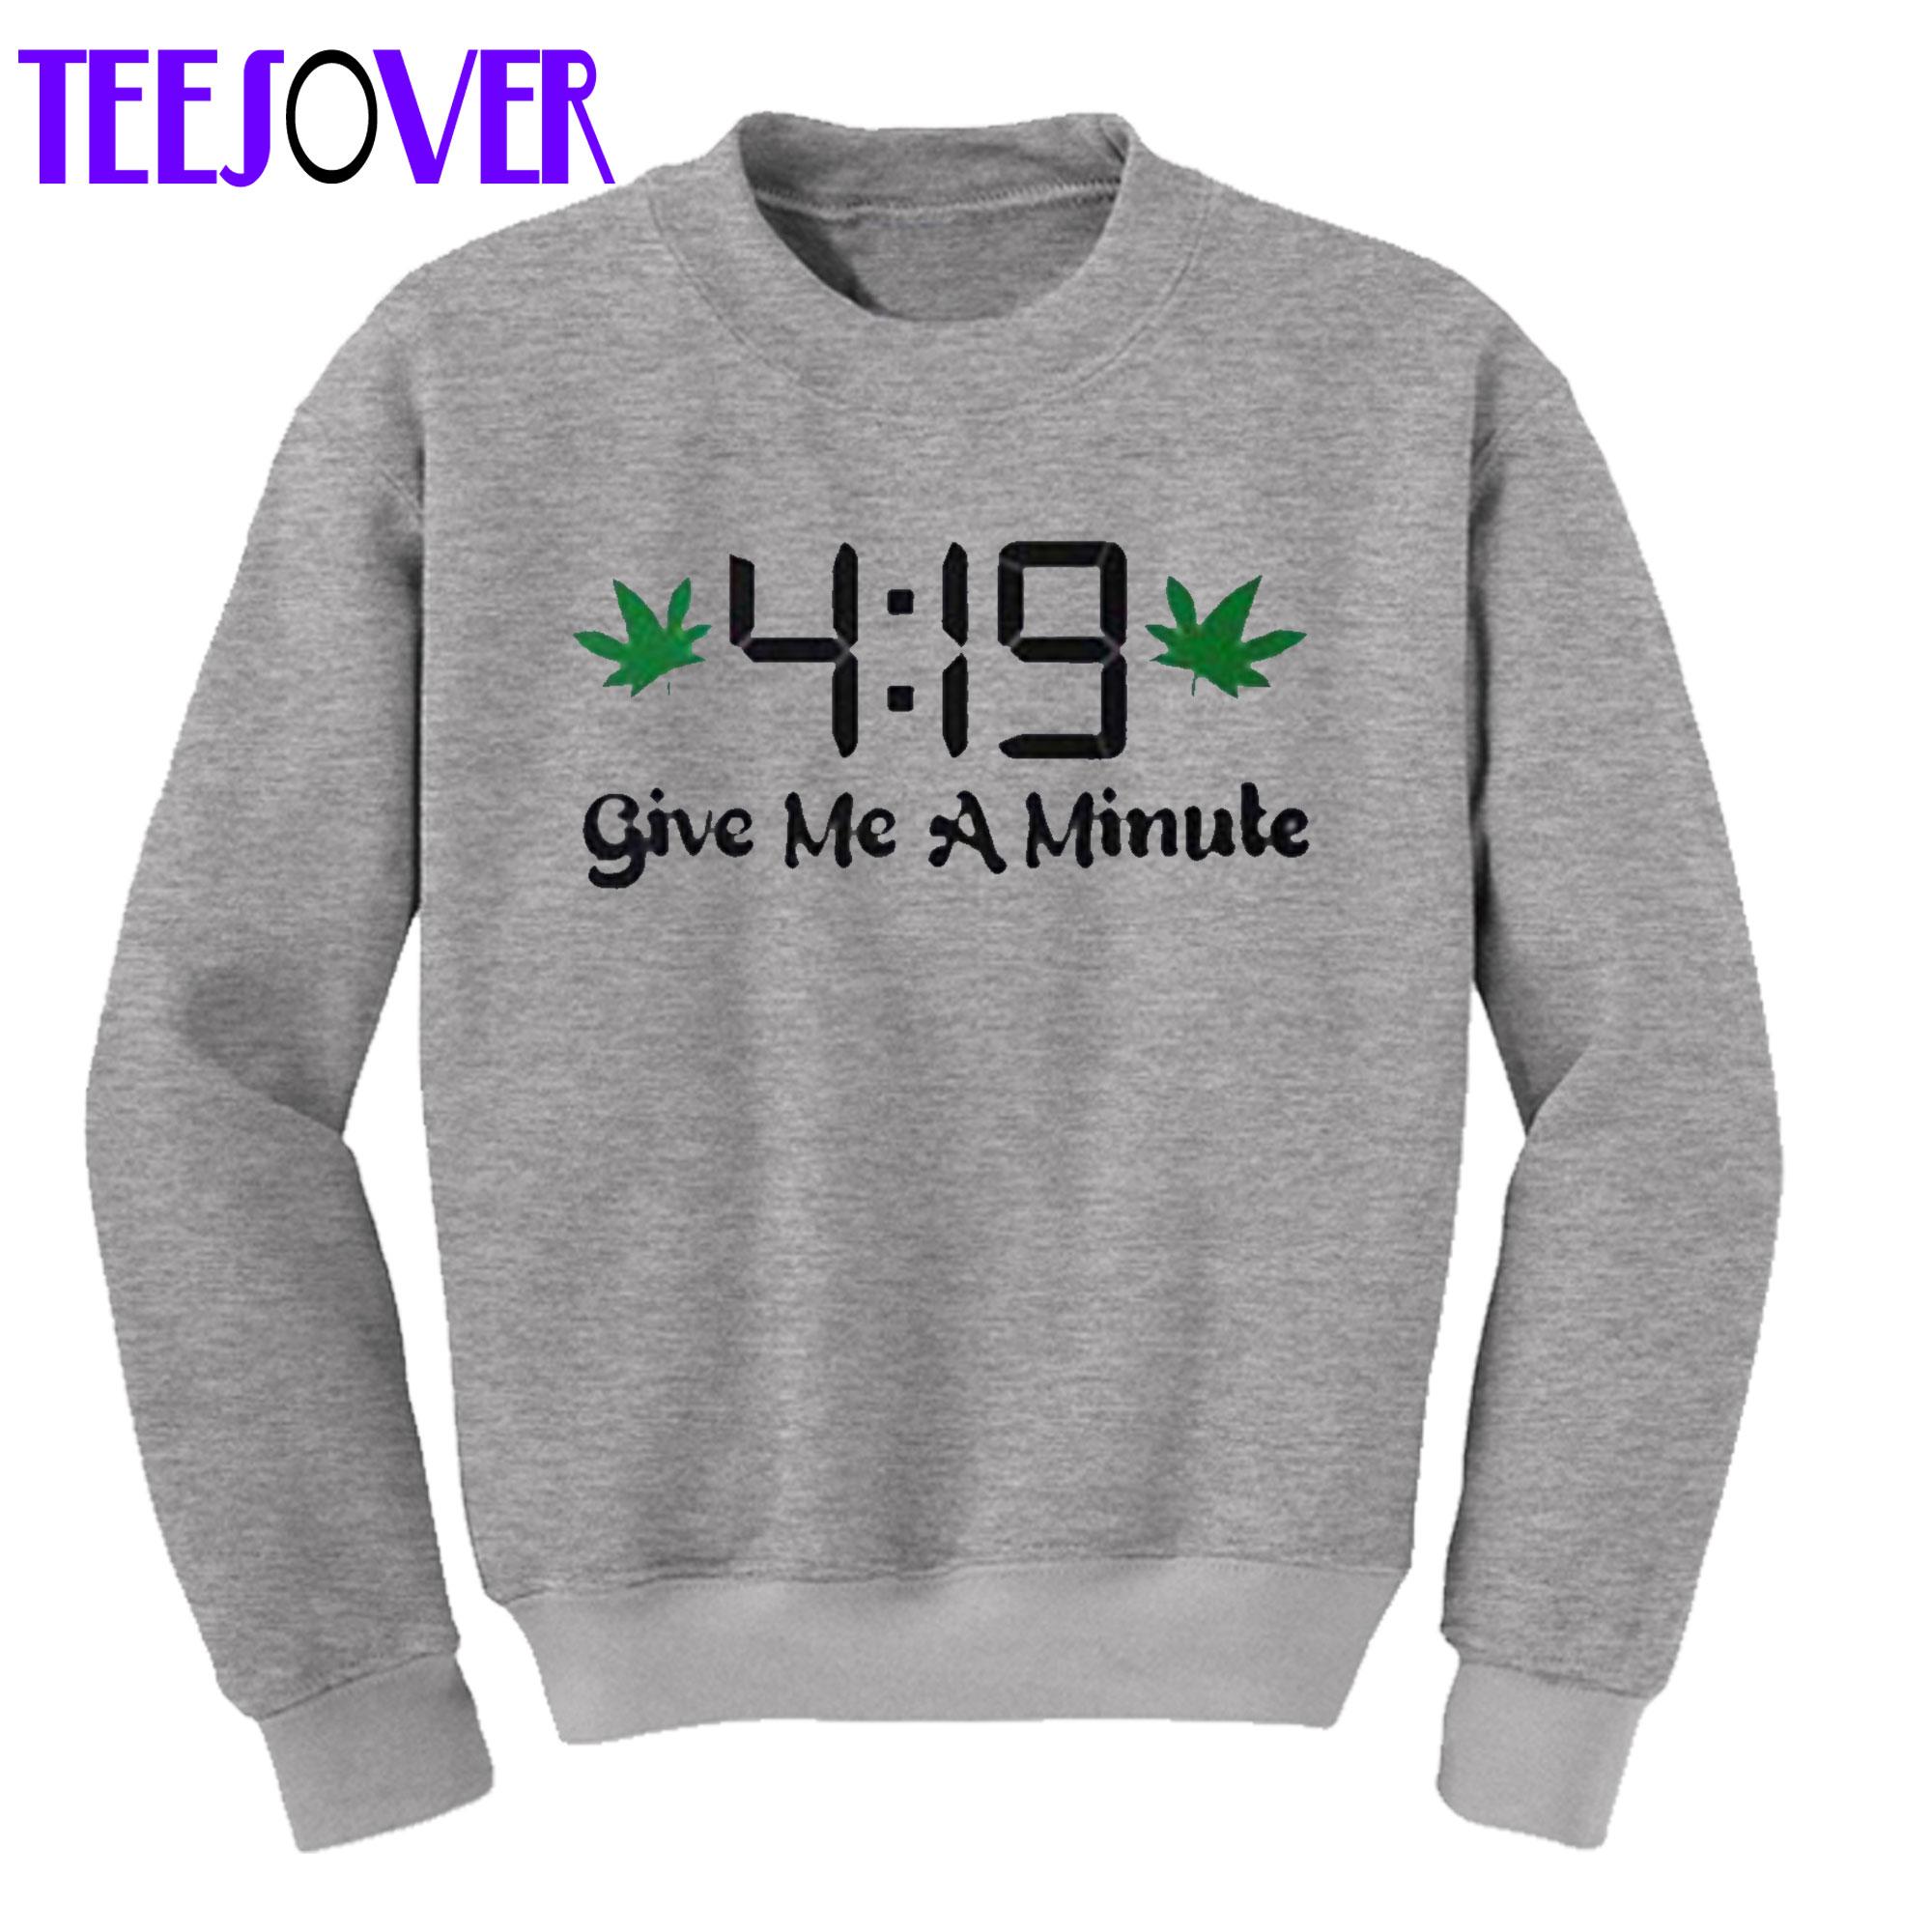 419 Give Me A Minute Sweatshirt